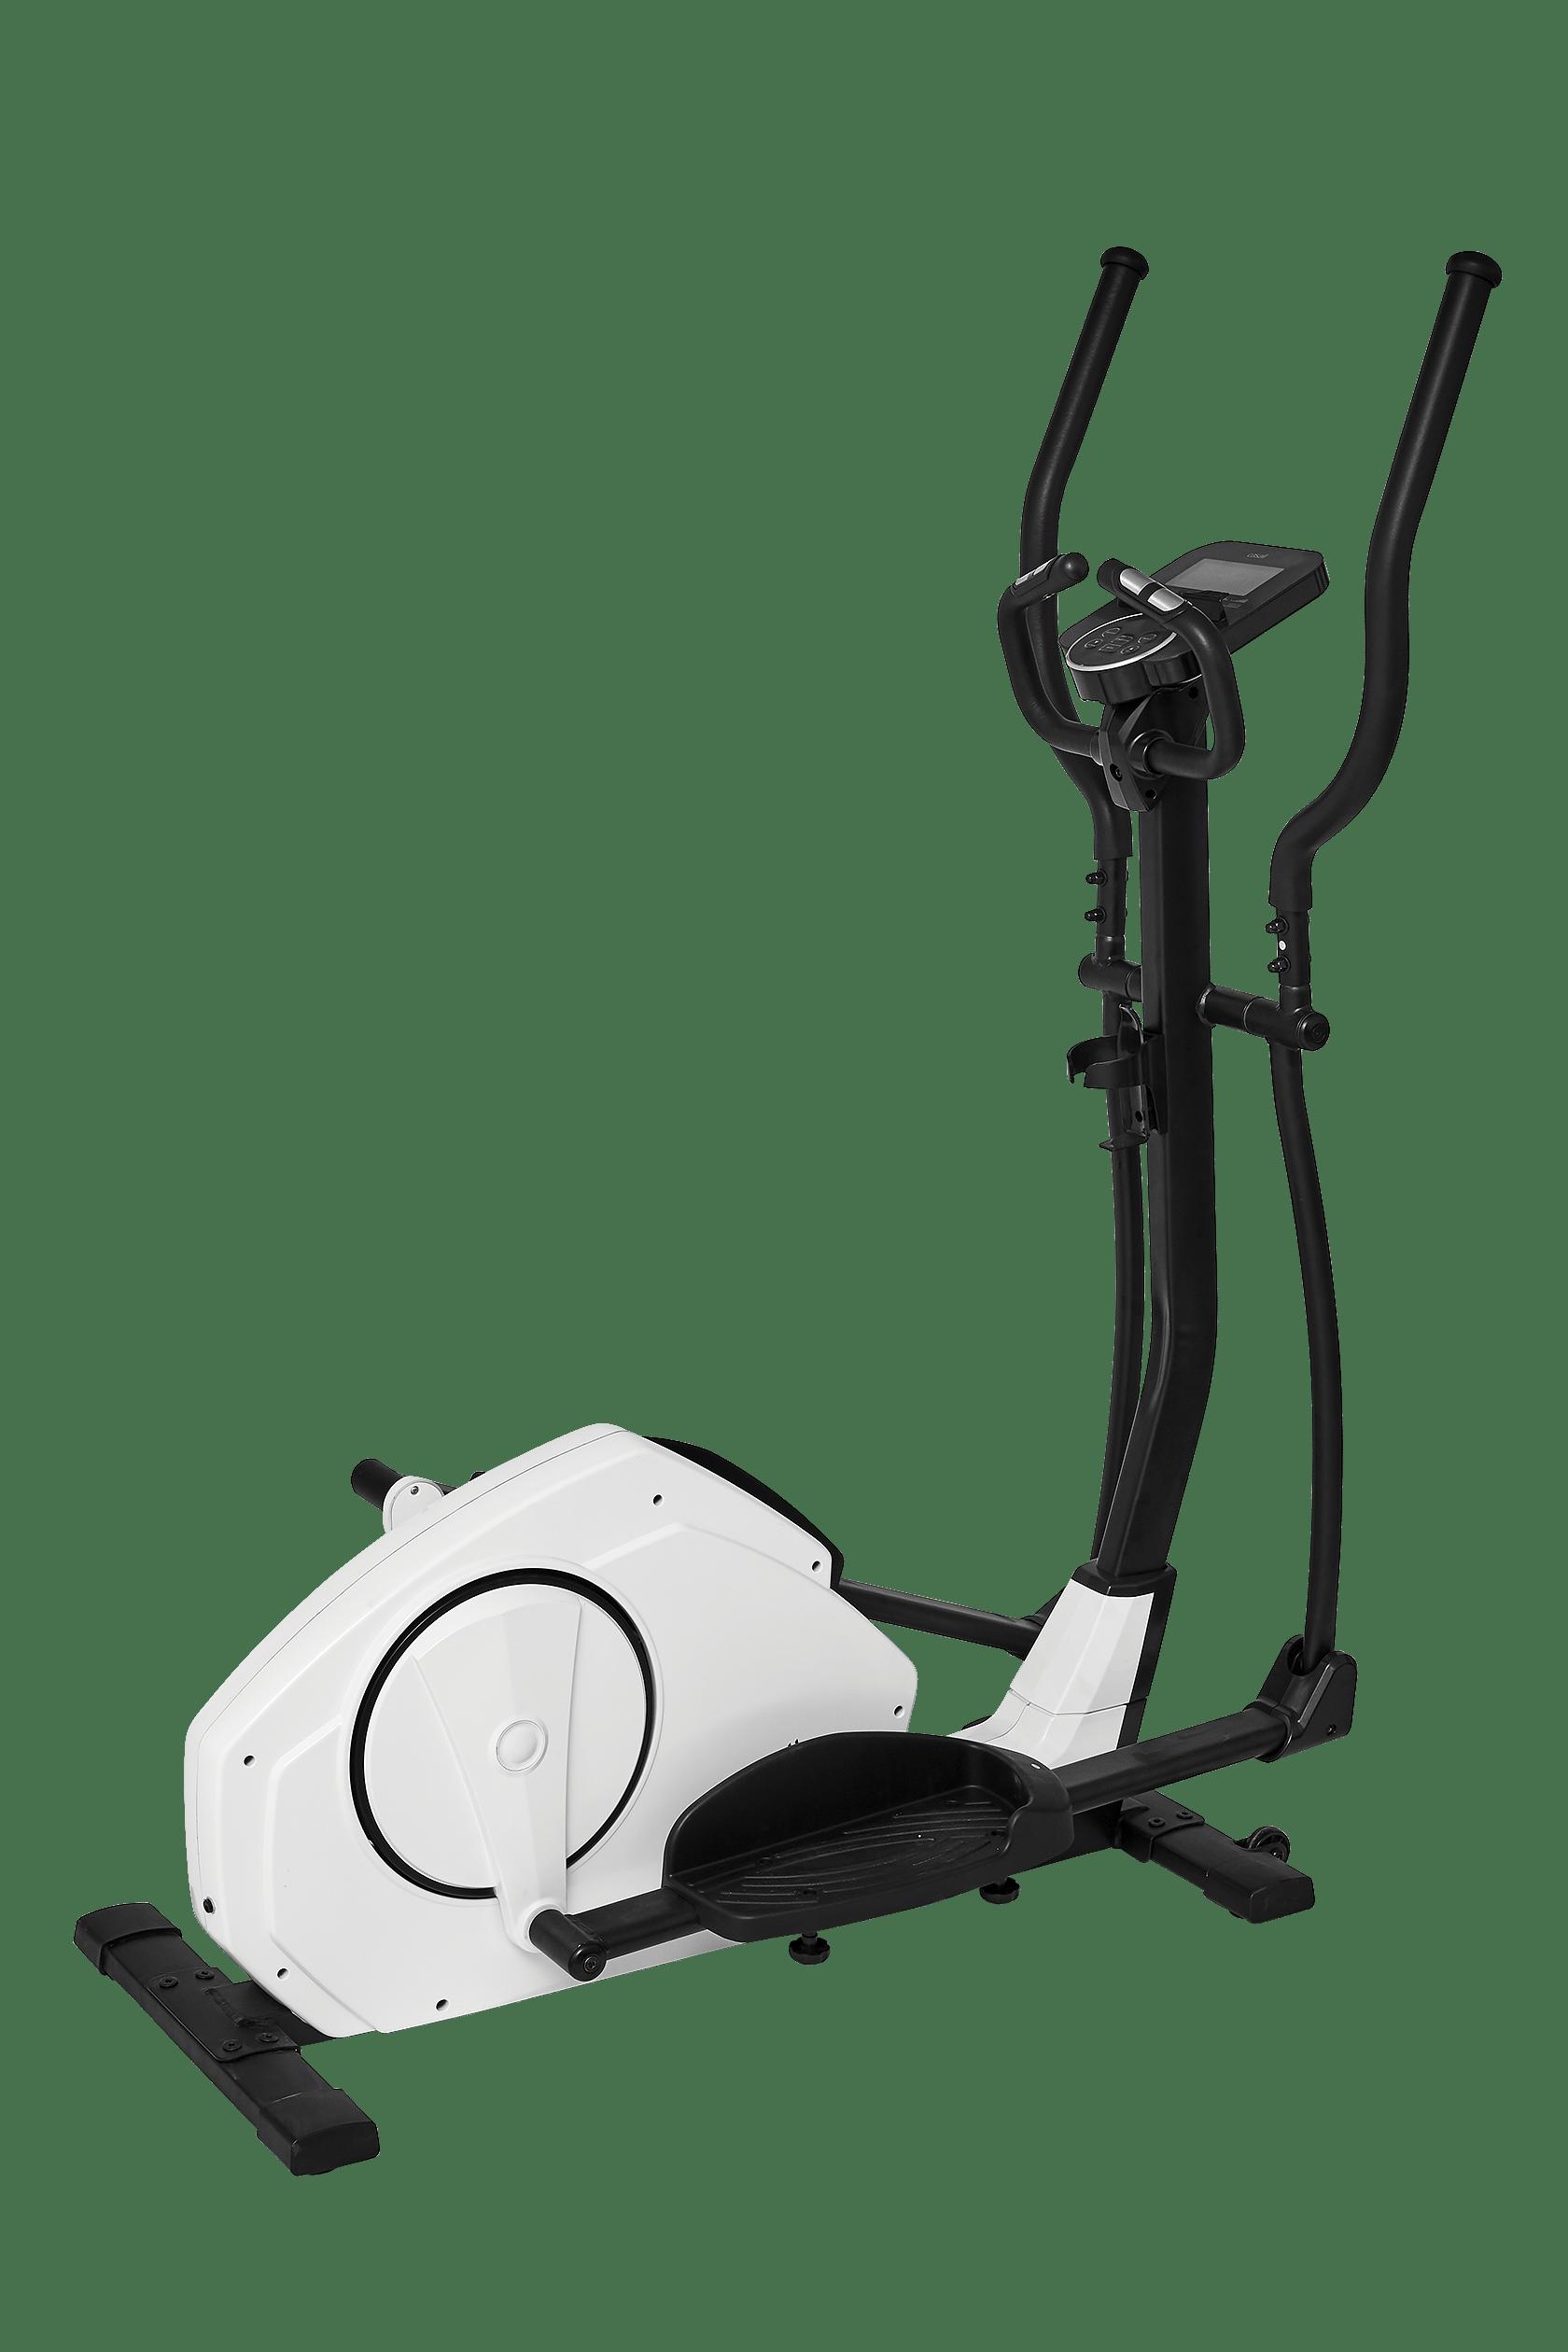 Billig crosstrainer